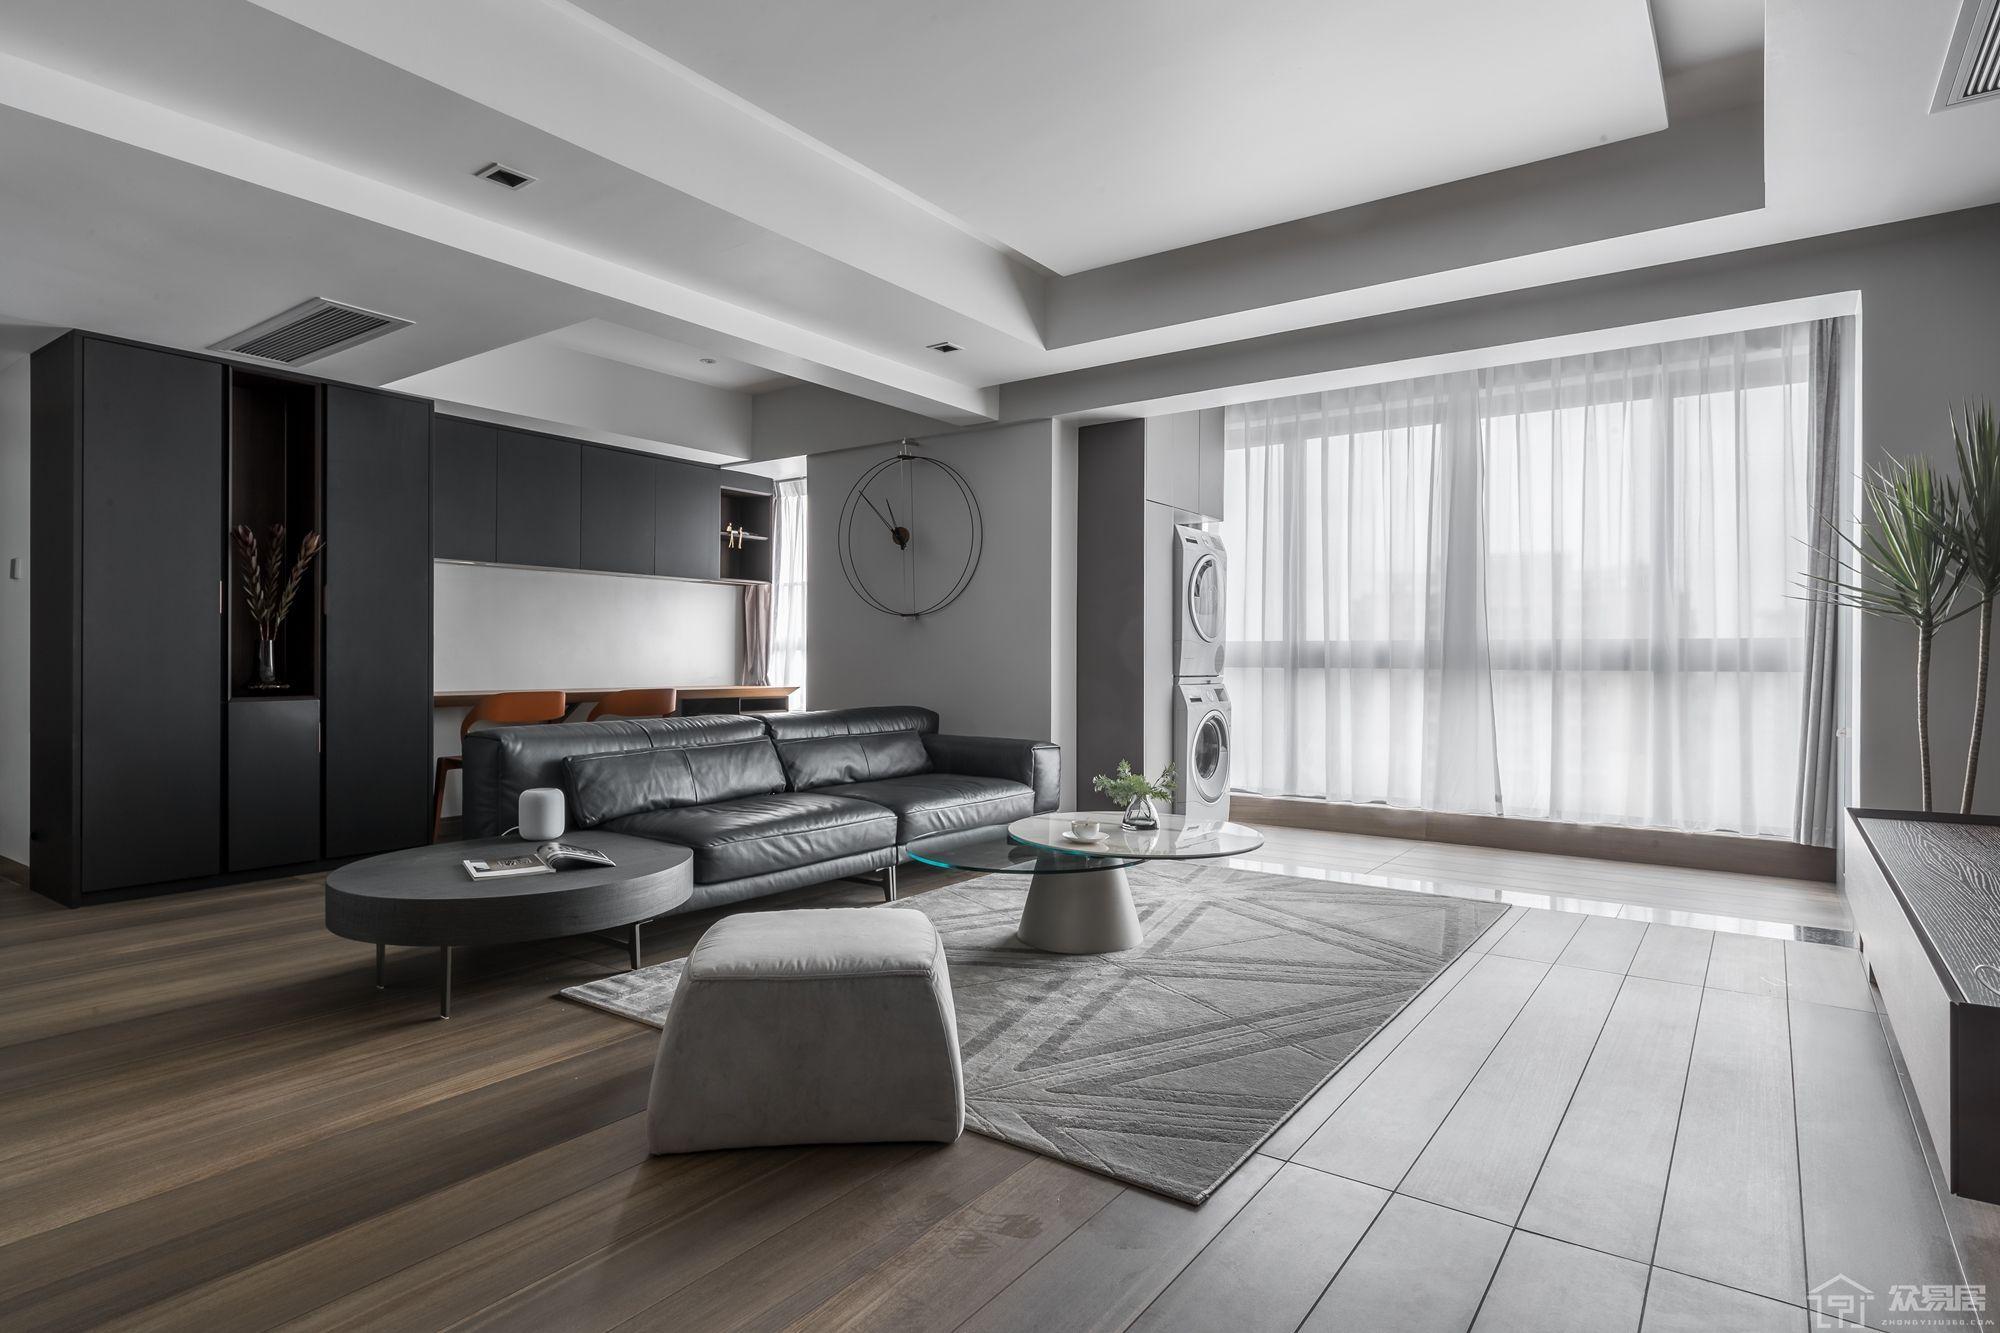 客厅装修时常见的误区 客厅装修注意事项